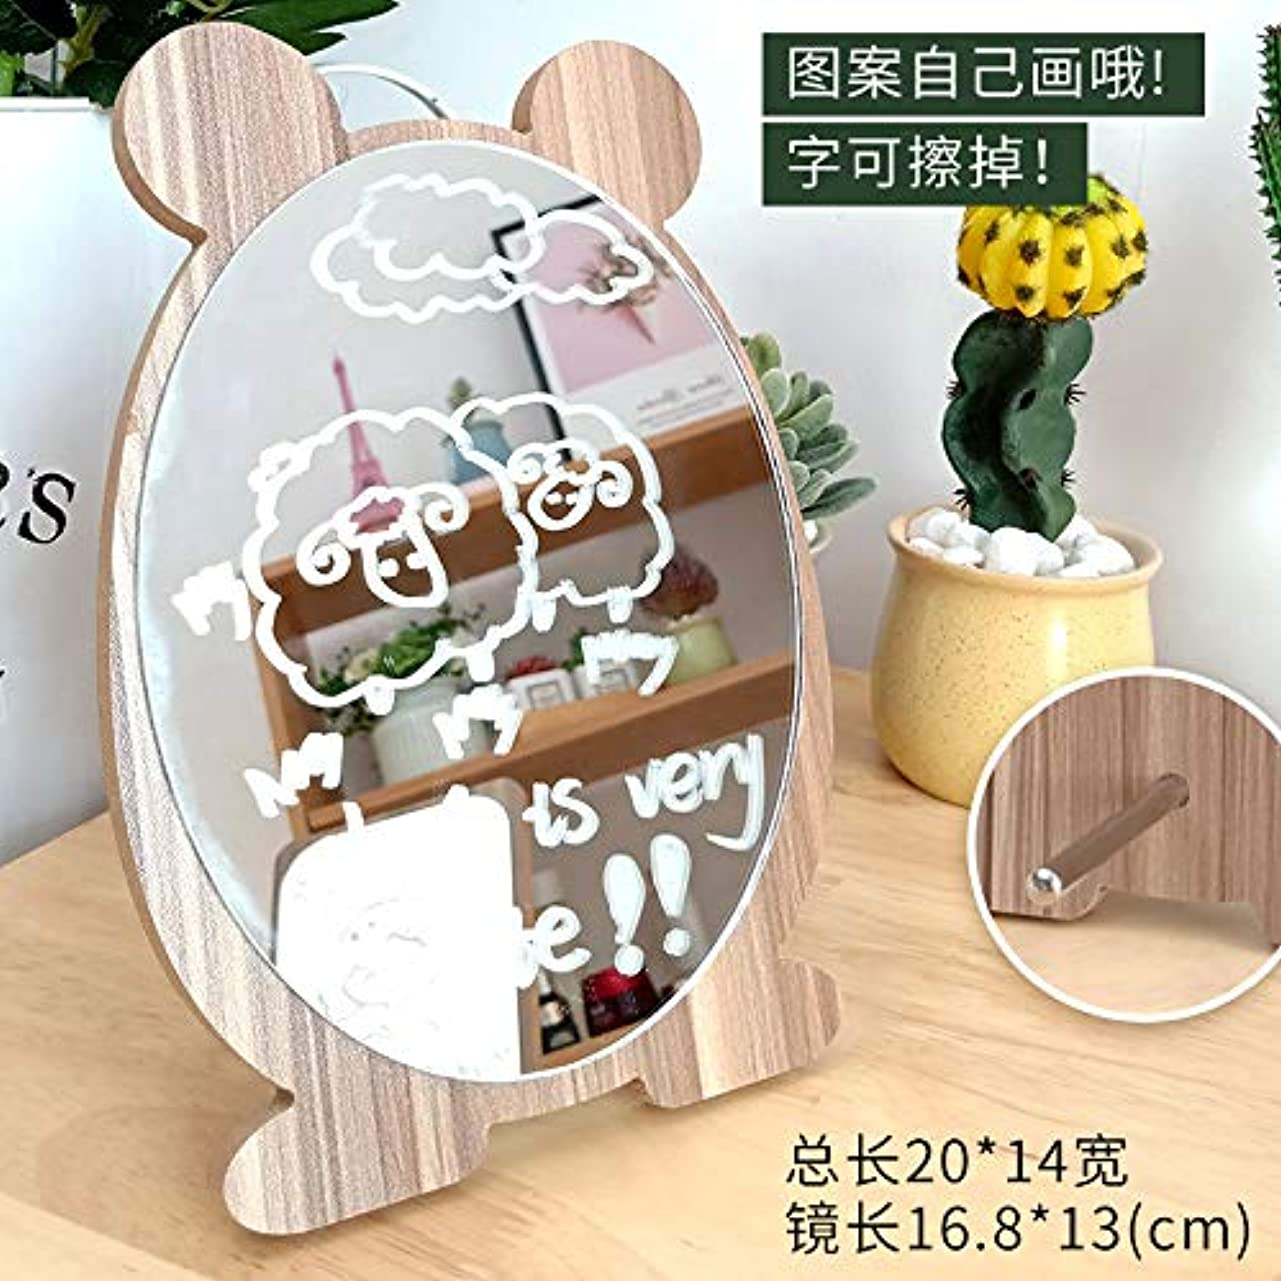 団結する魔女プラス木製の折りたたみ化粧鏡のテーブルトップは、大きなポータブルハンドミラーにすることができます